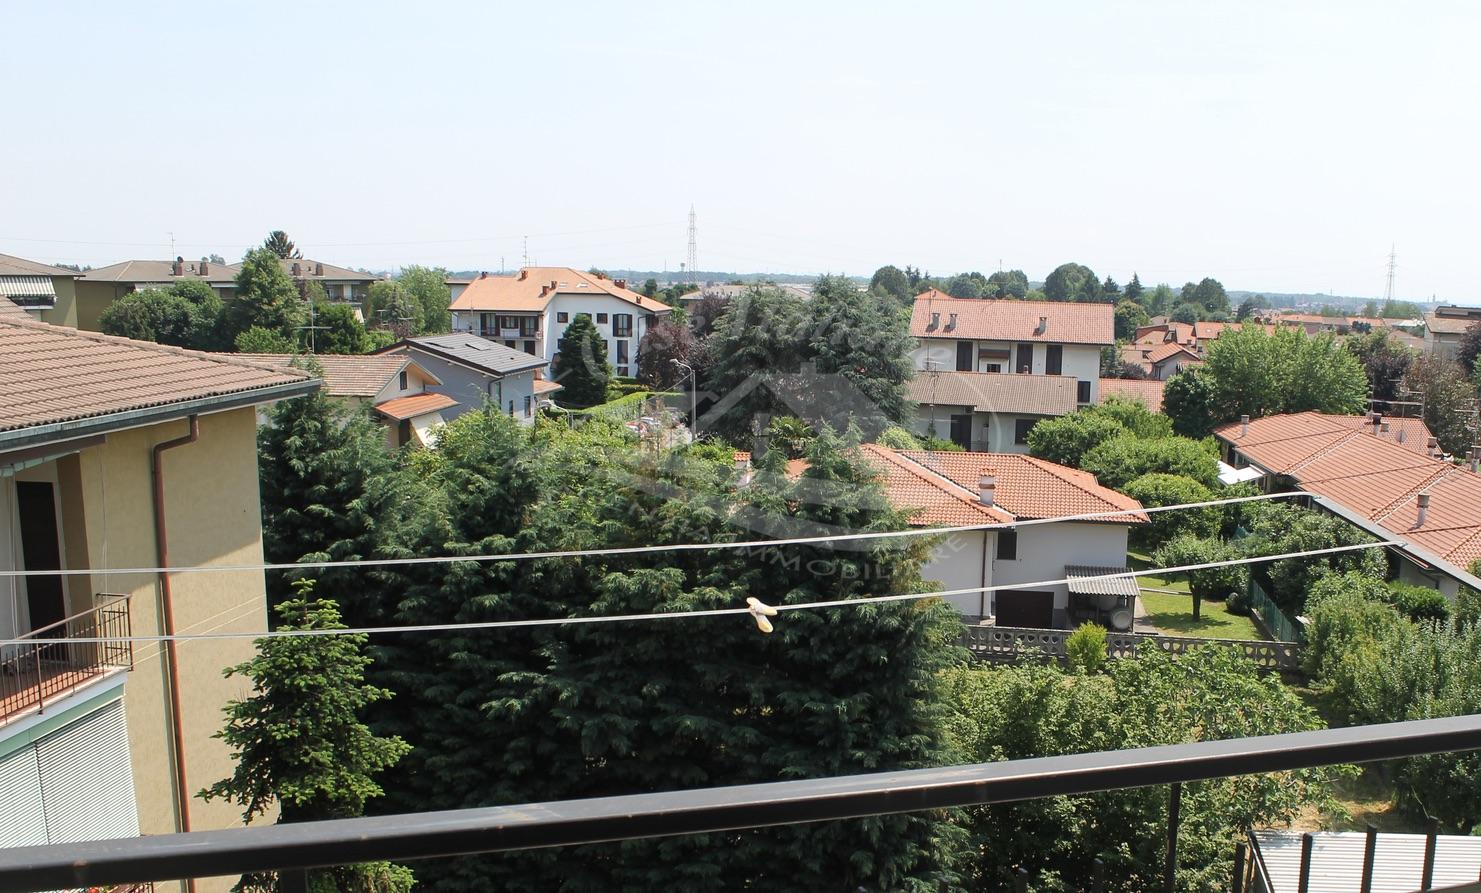 Img 7936 case italiane agenzia immobiliare cant for Case italiane immobiliare